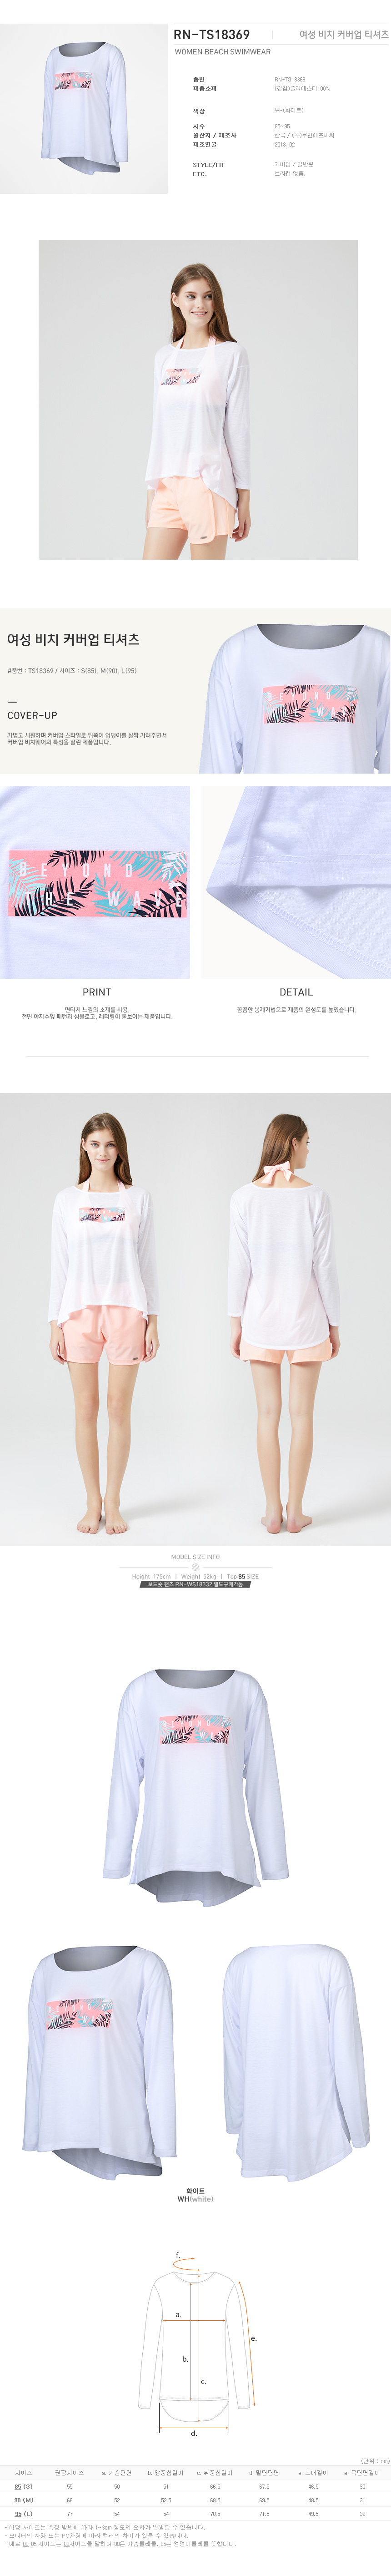 레노마수영복(RENOMASWIM) 여성 비치 커버업 티셔츠RN-TS18369